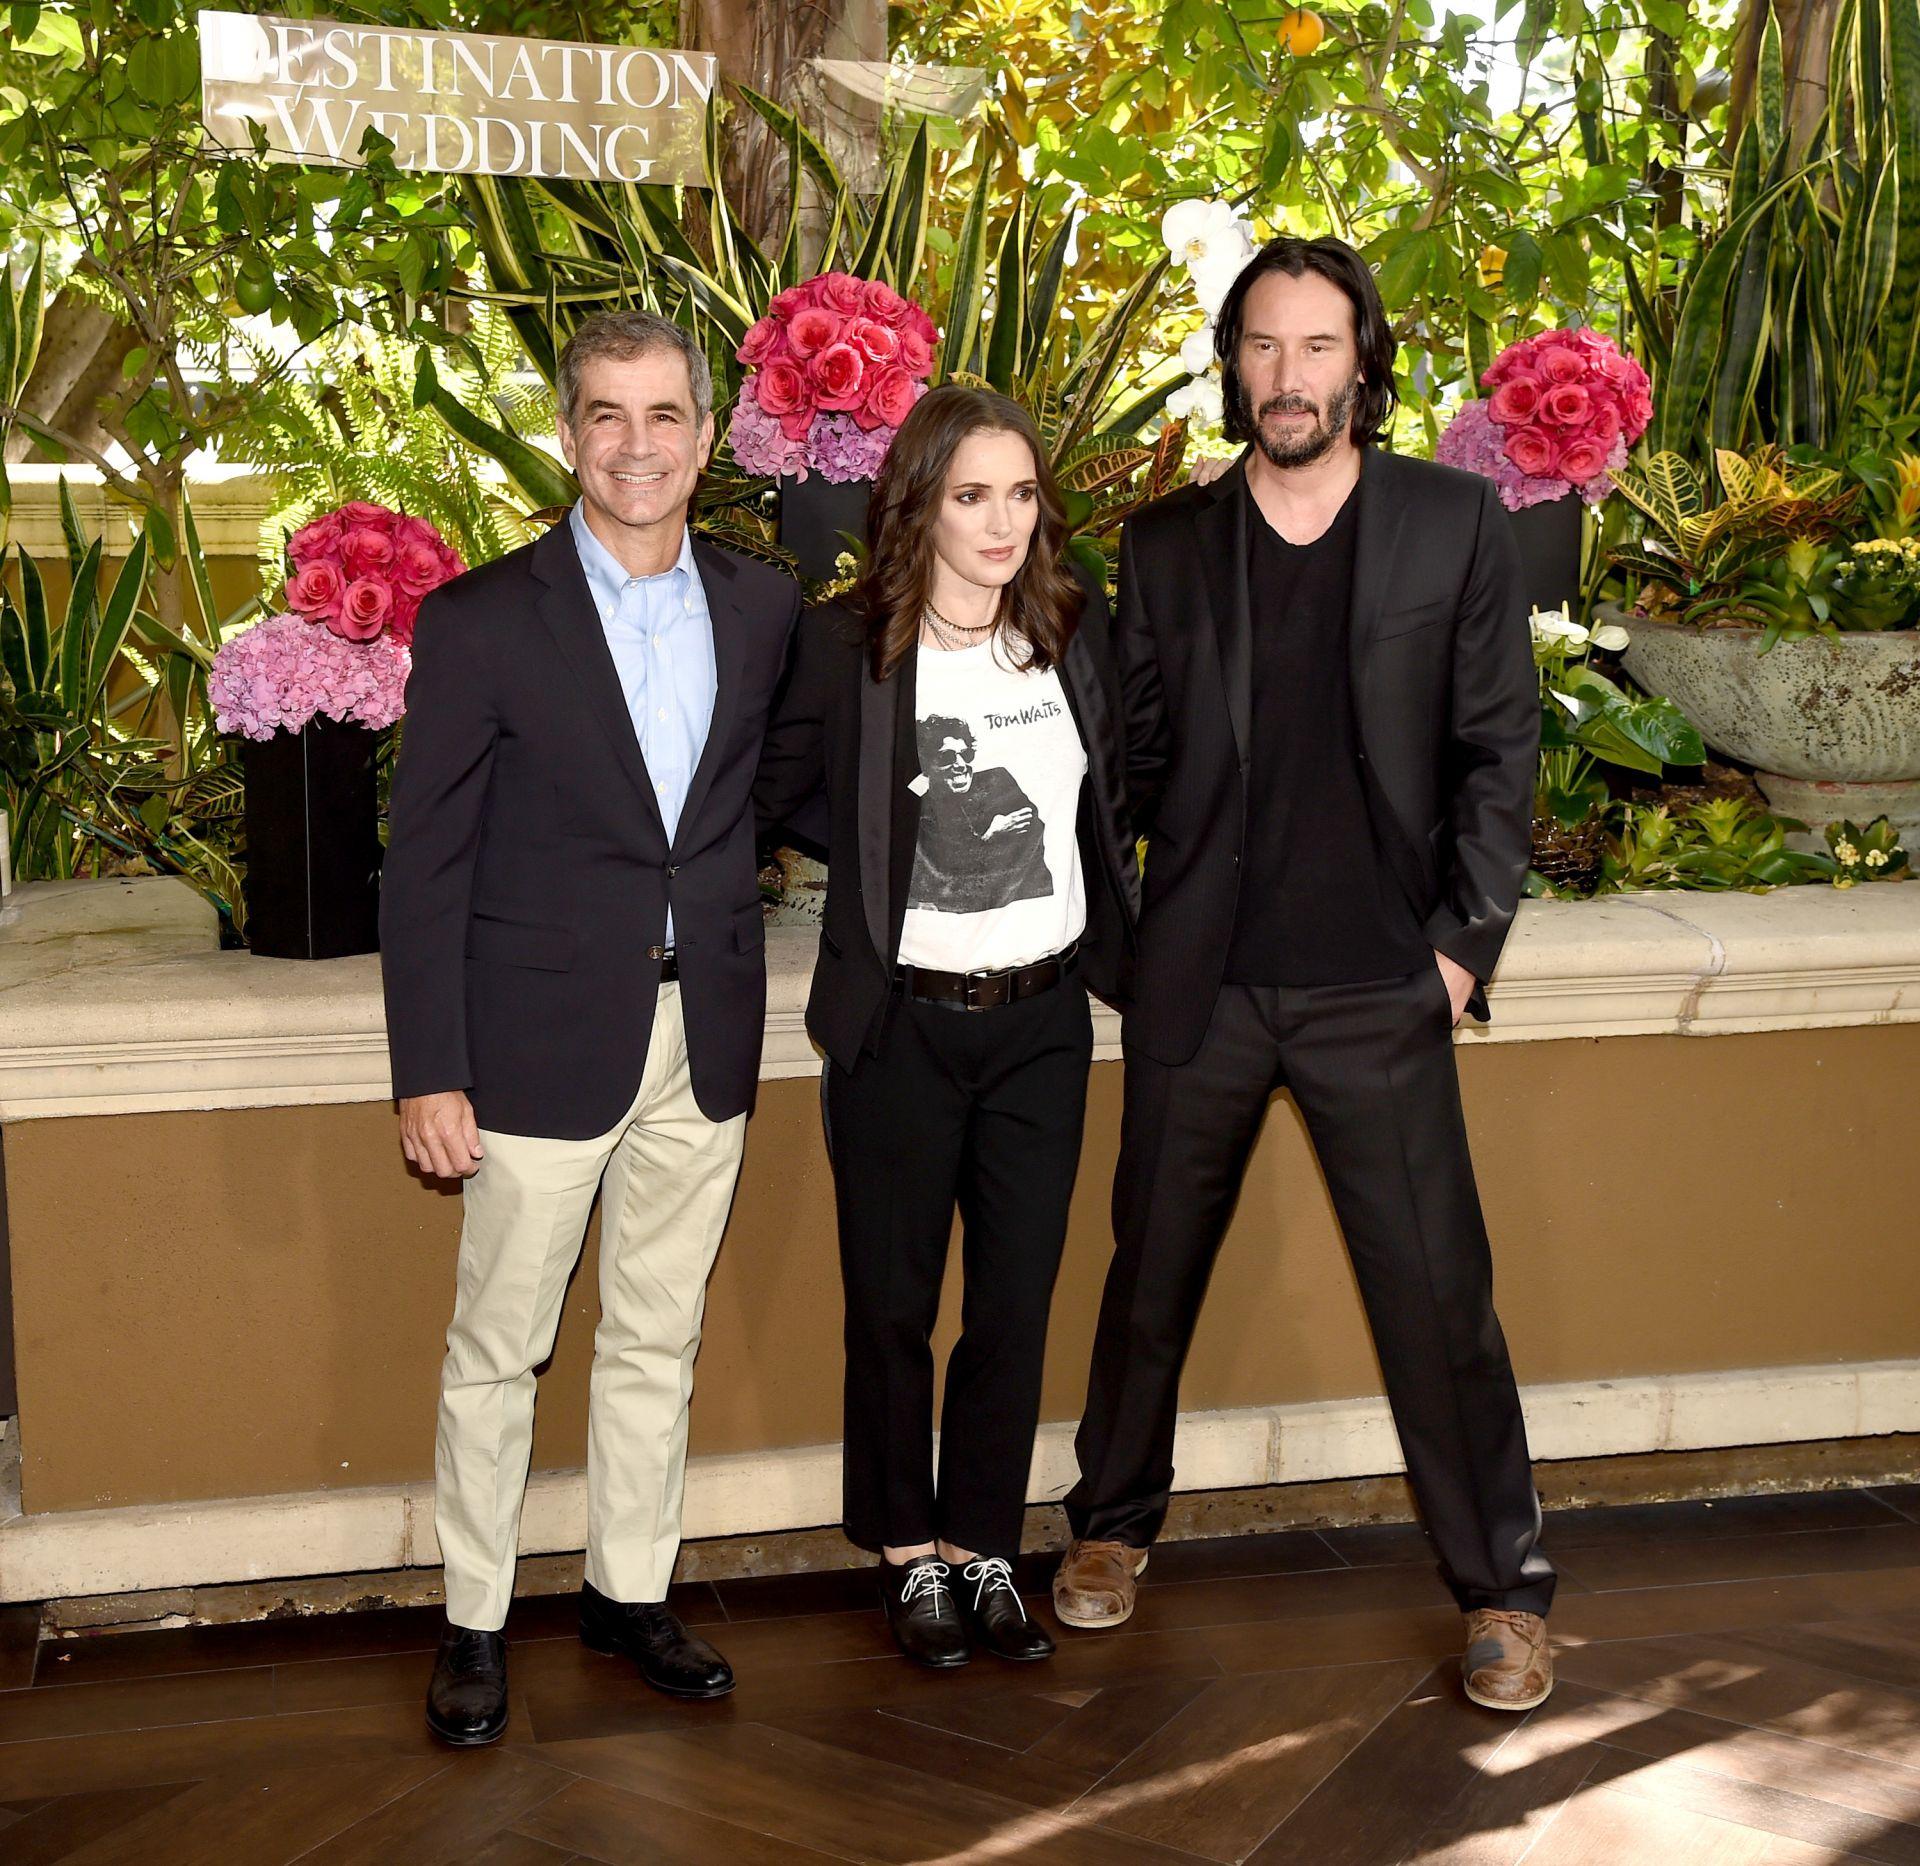 Любимите блейзър, тениска, обувки с връзки и Киану Рийвс от лявата ѝ страна